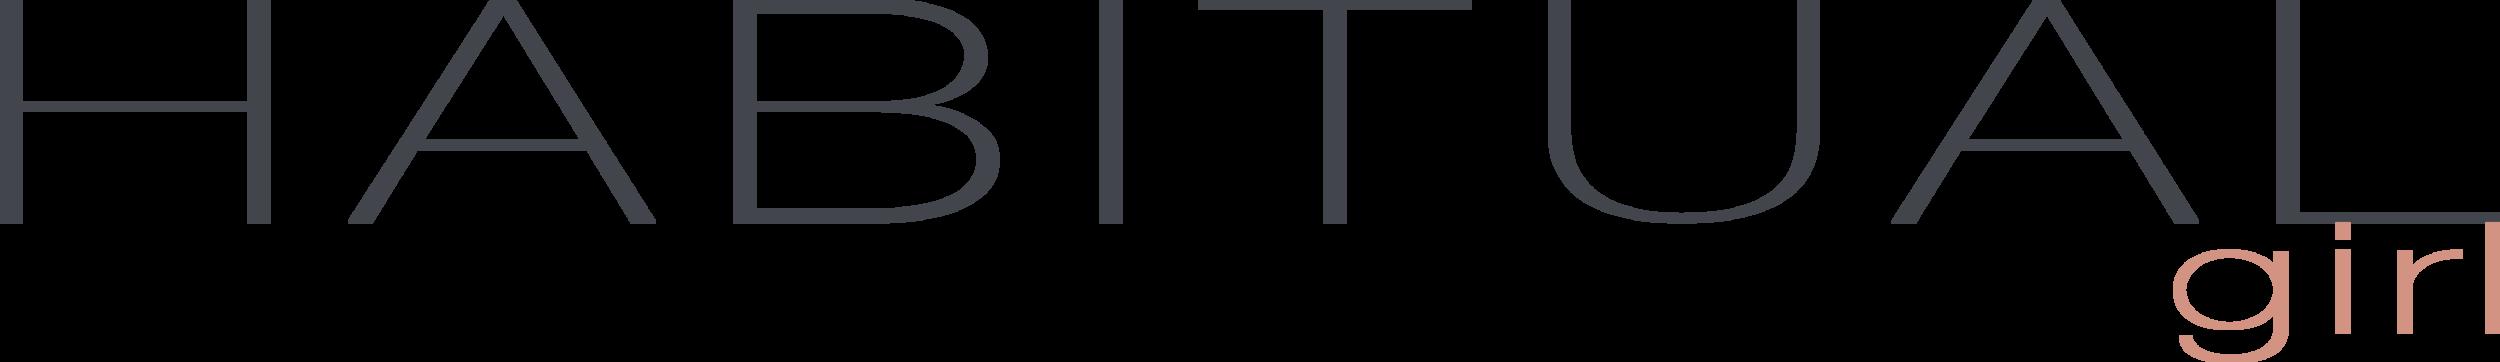 2018_02_28Habitual_Logo_Update_habitual_girl.png